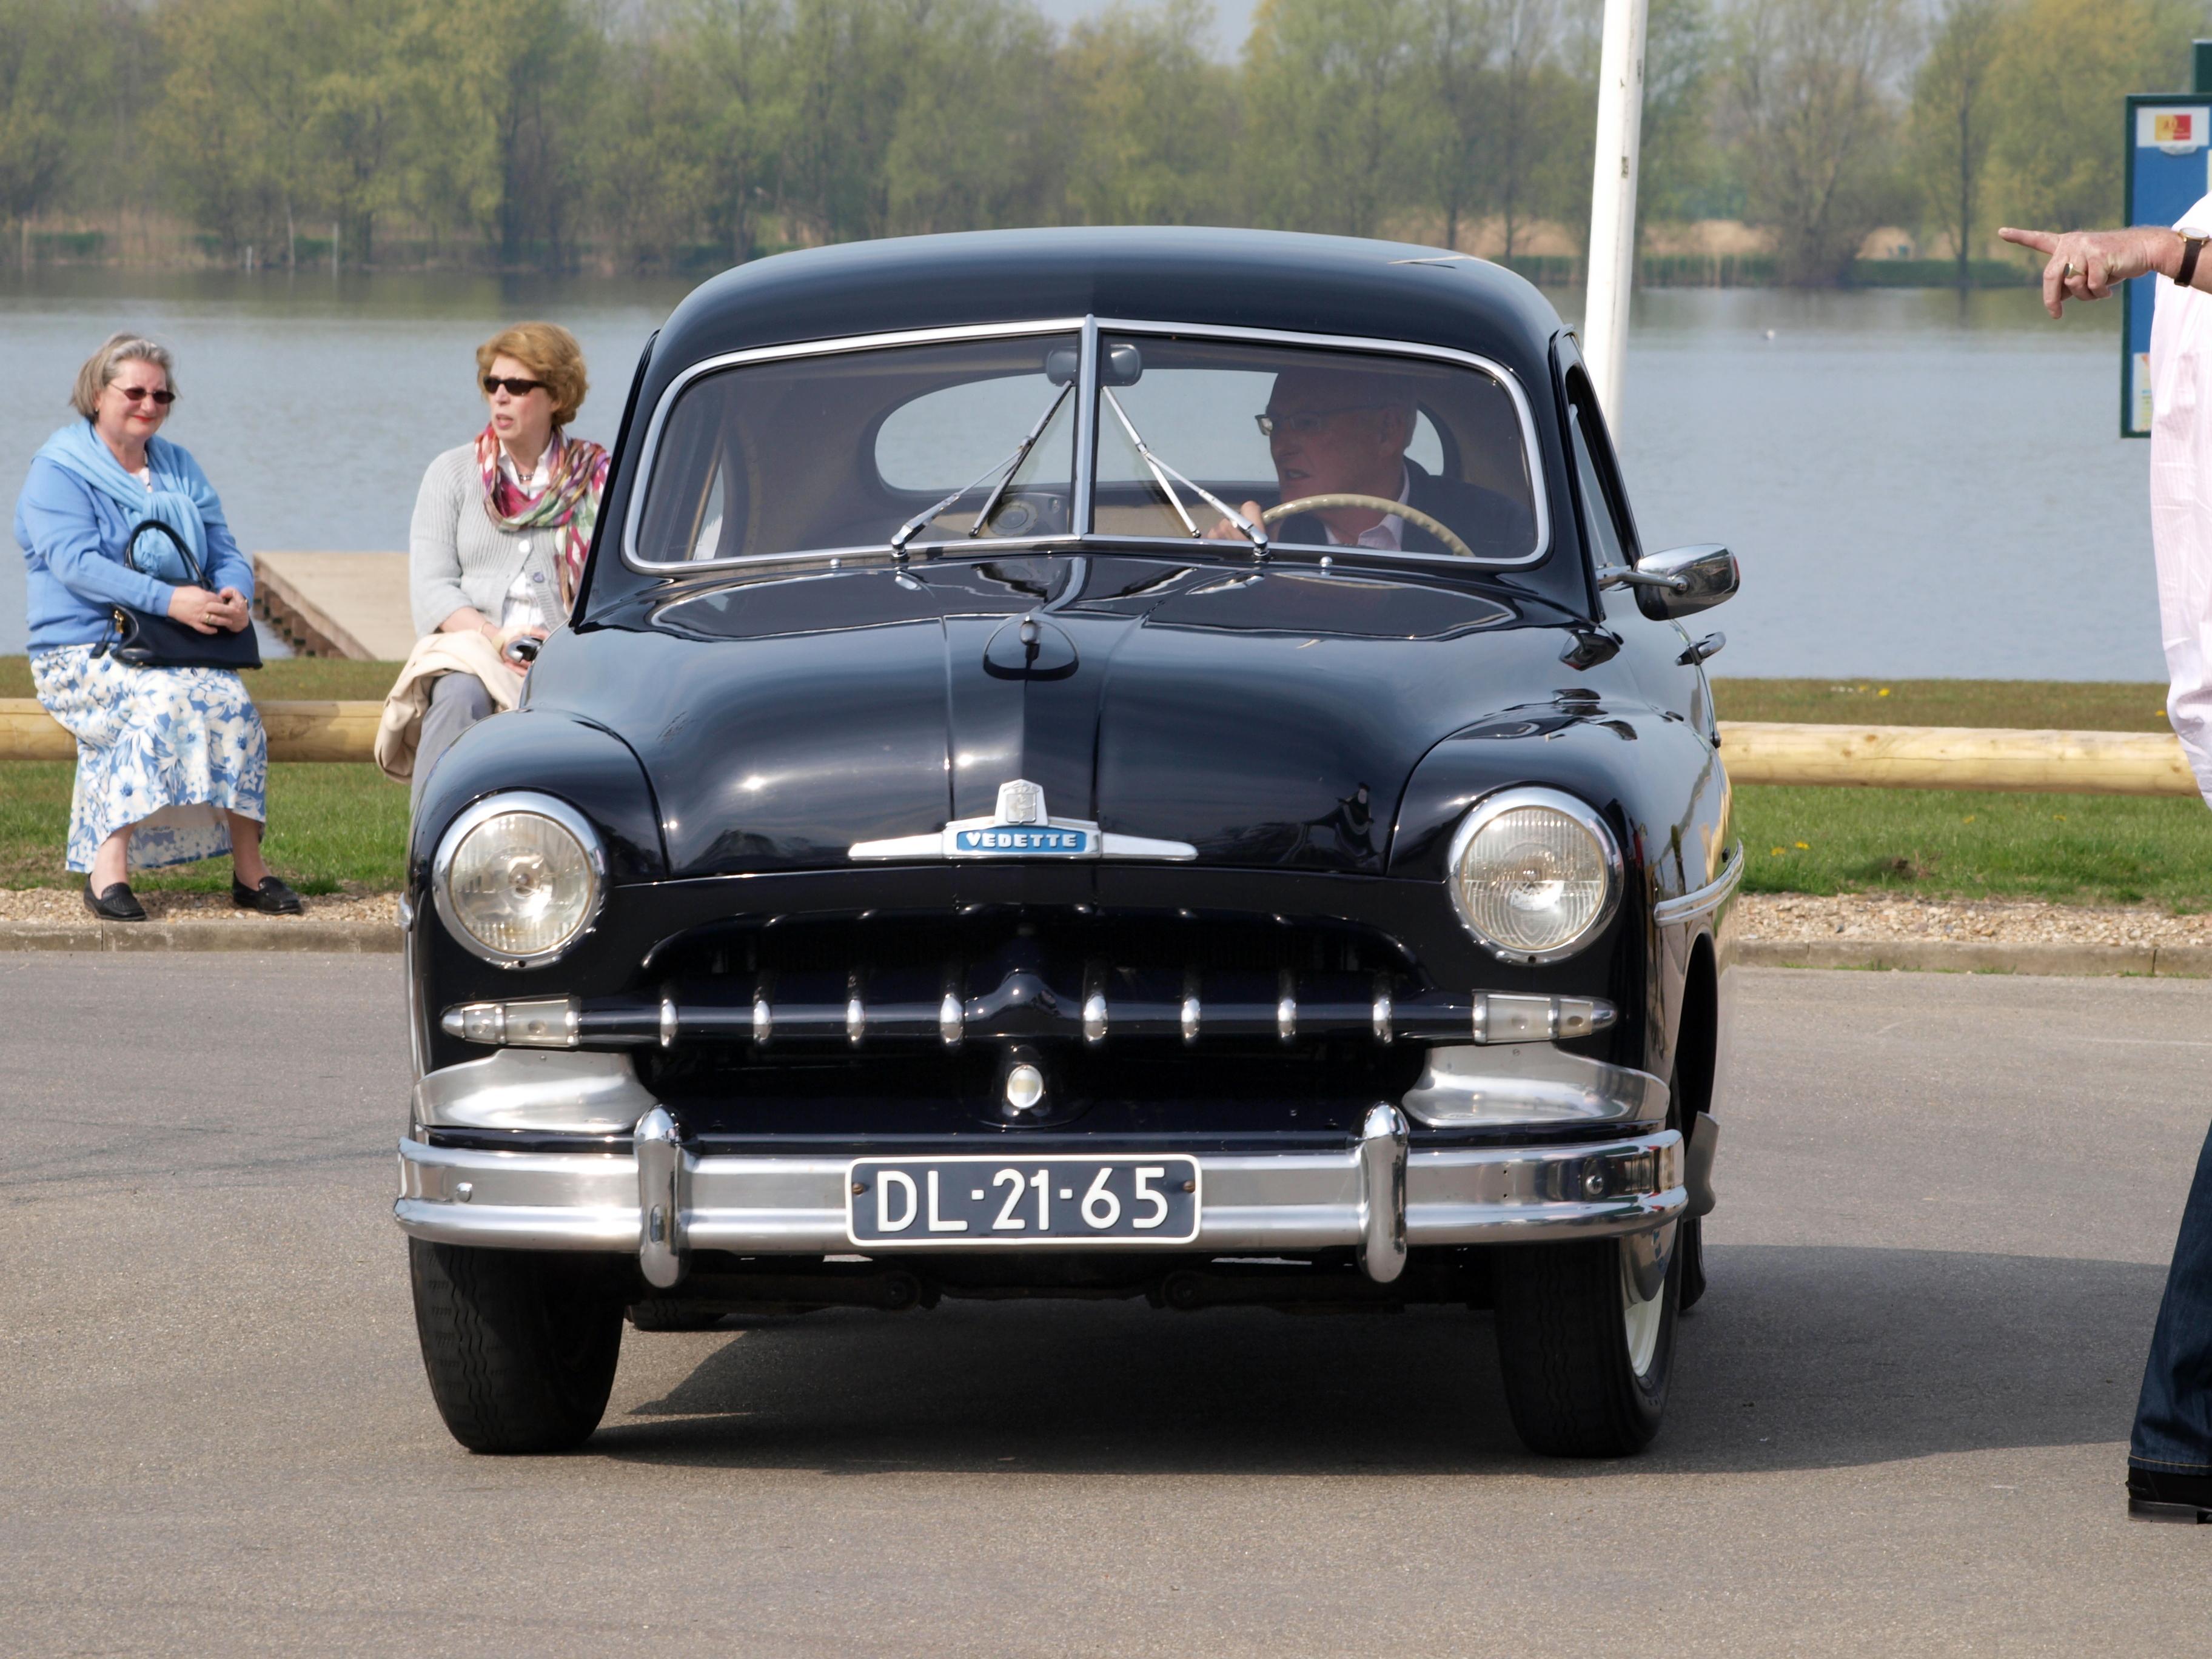 File:Ford V8 Vedette (1952) , Dutch licence registration DL-21-65 pic4 ...